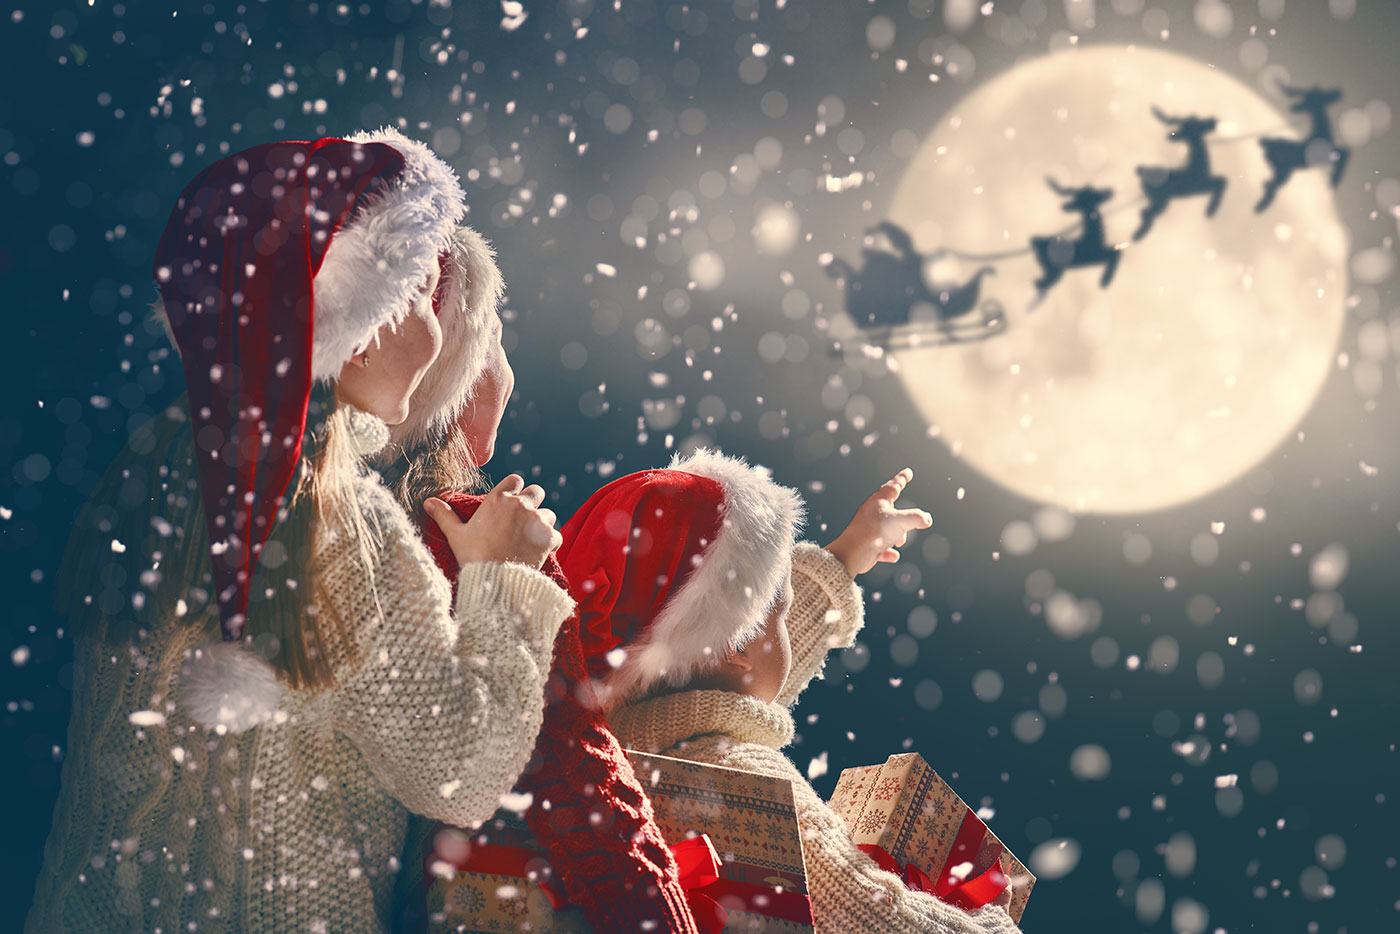 Wer Bringt In Italien Die Weihnachtsgeschenke.Wer Bringt Denn Nun Zu Weihnachten Eigentlich Die Geschenke